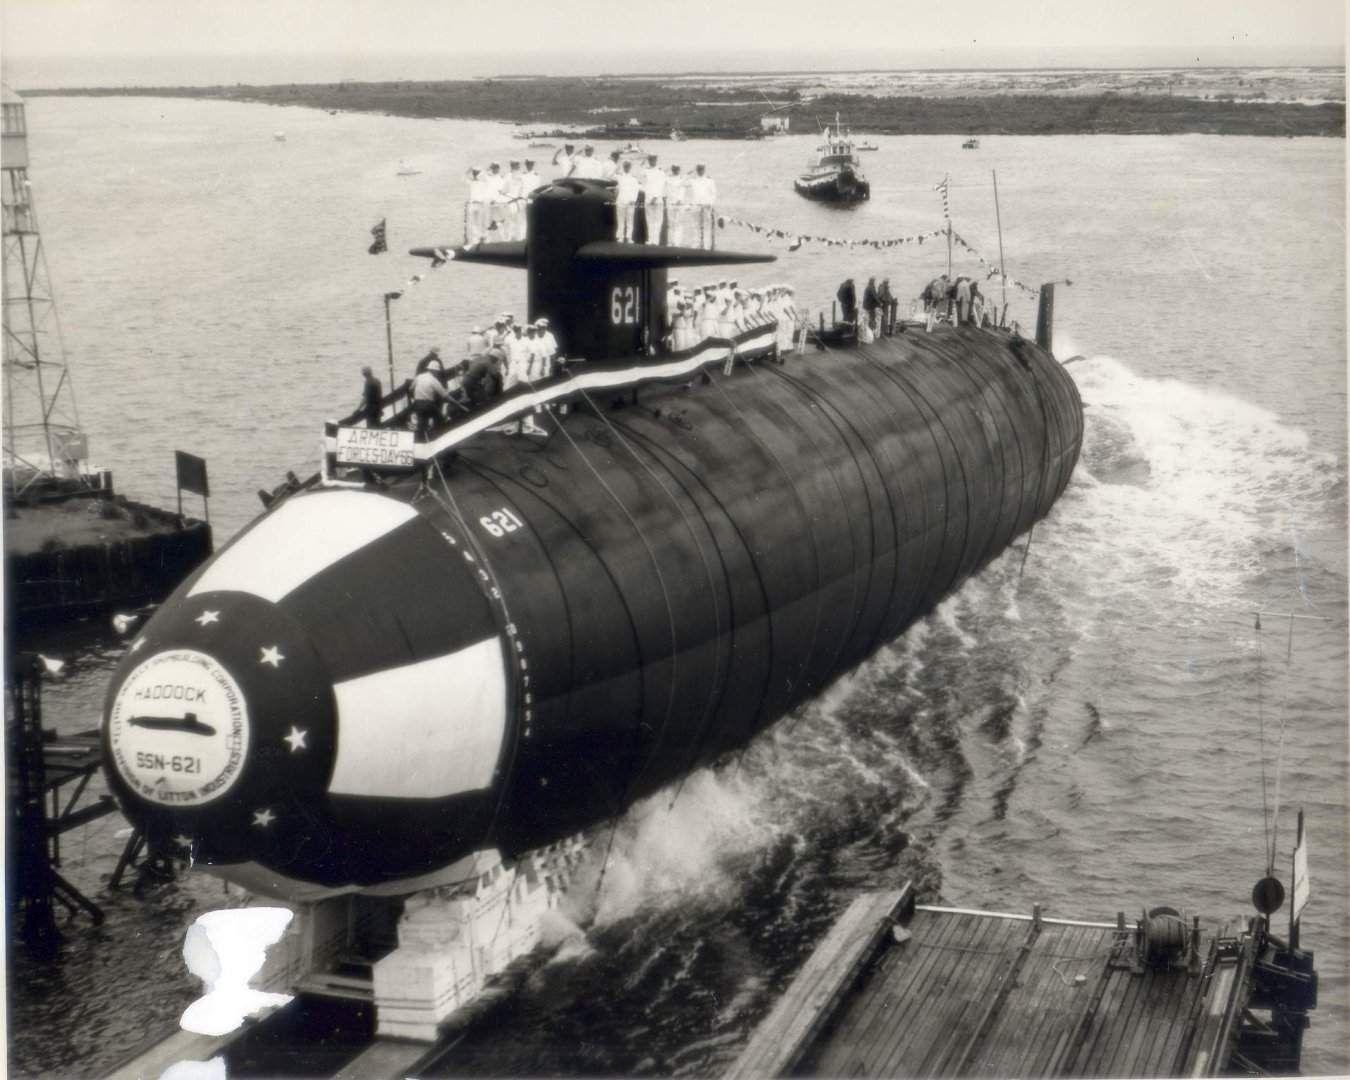 Фото в разрезе турбины подводной лодки такое